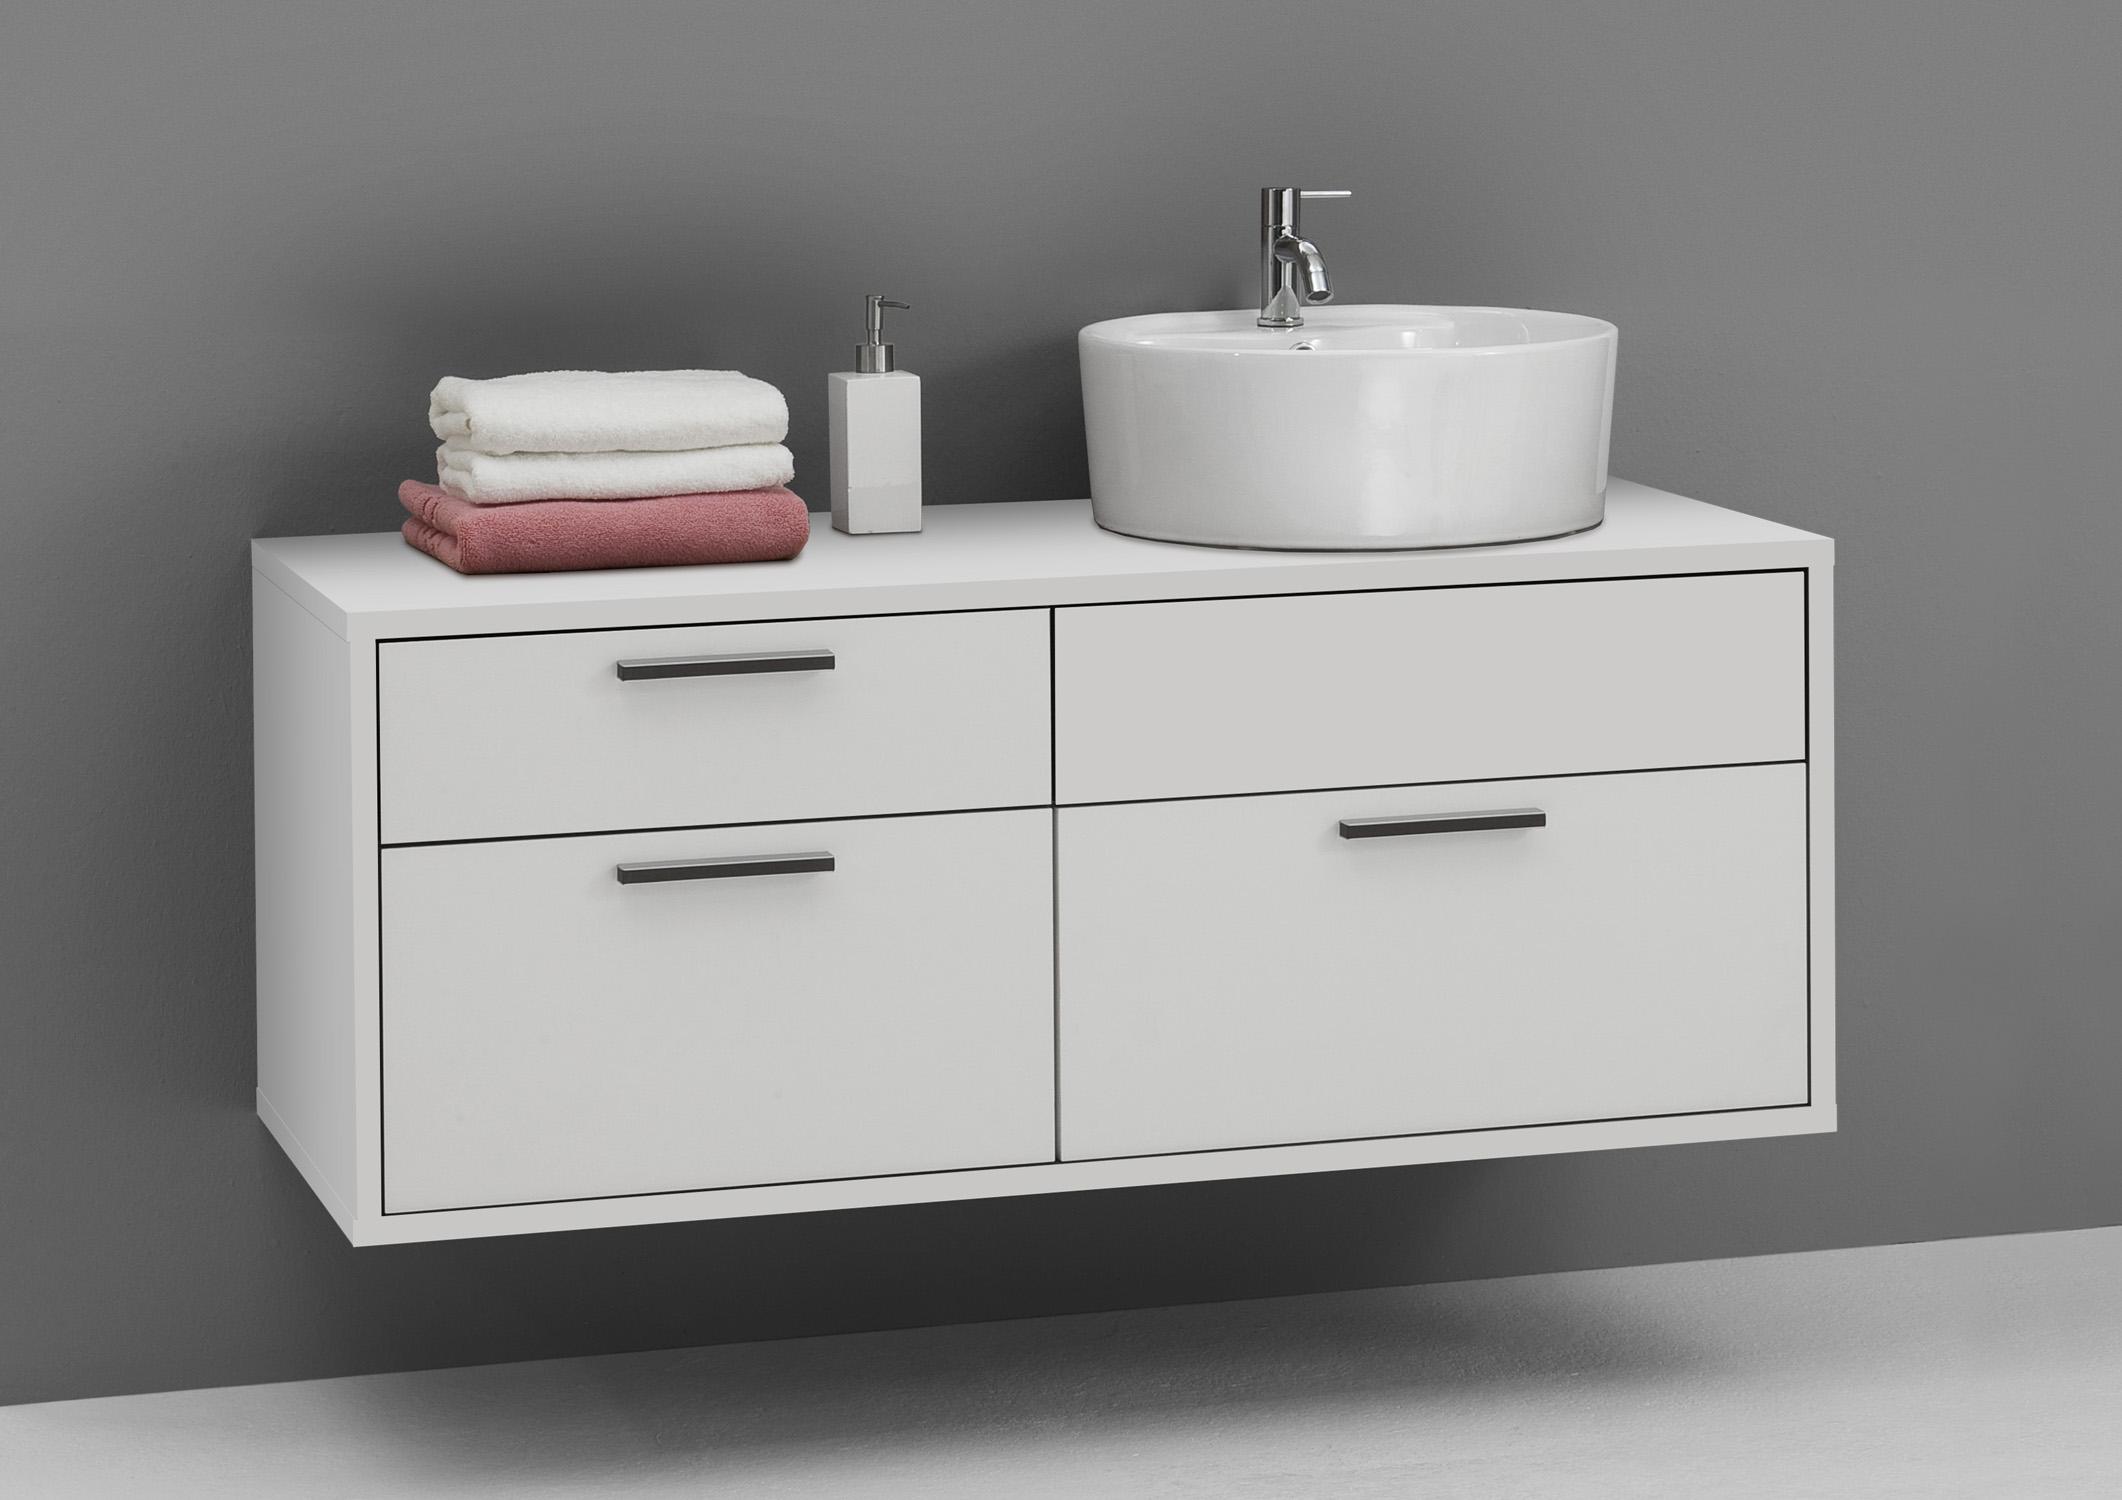 waschtisch waschbeckenschrank badschrank schrank ohne. Black Bedroom Furniture Sets. Home Design Ideas